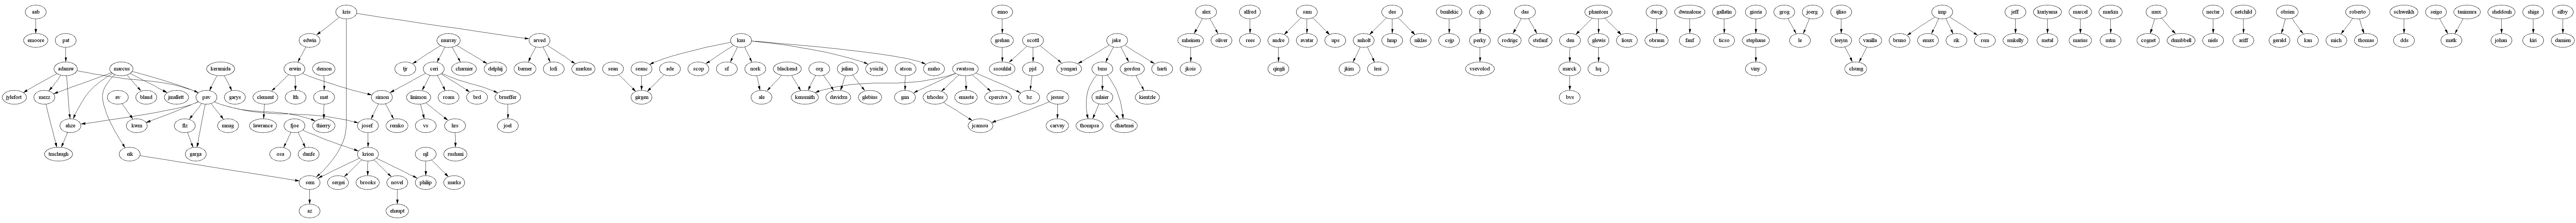 Mentors graph